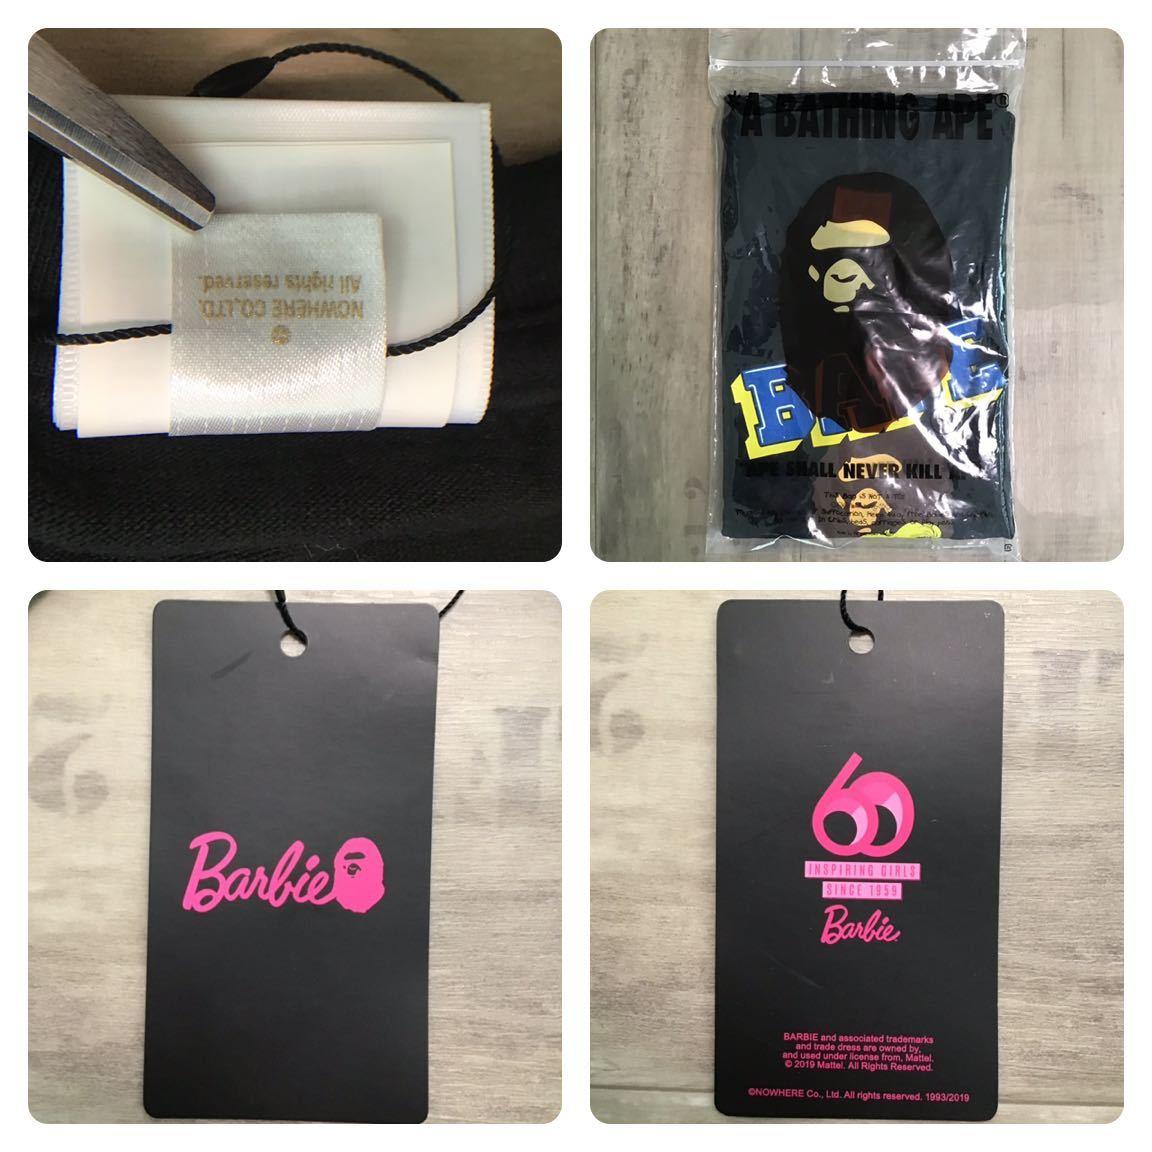 ★新品★ Barbie × BAPE Tシャツ レディース Sサイズ バービー a bathing ape ladies エイプ ベイプ アベイシングエイプ